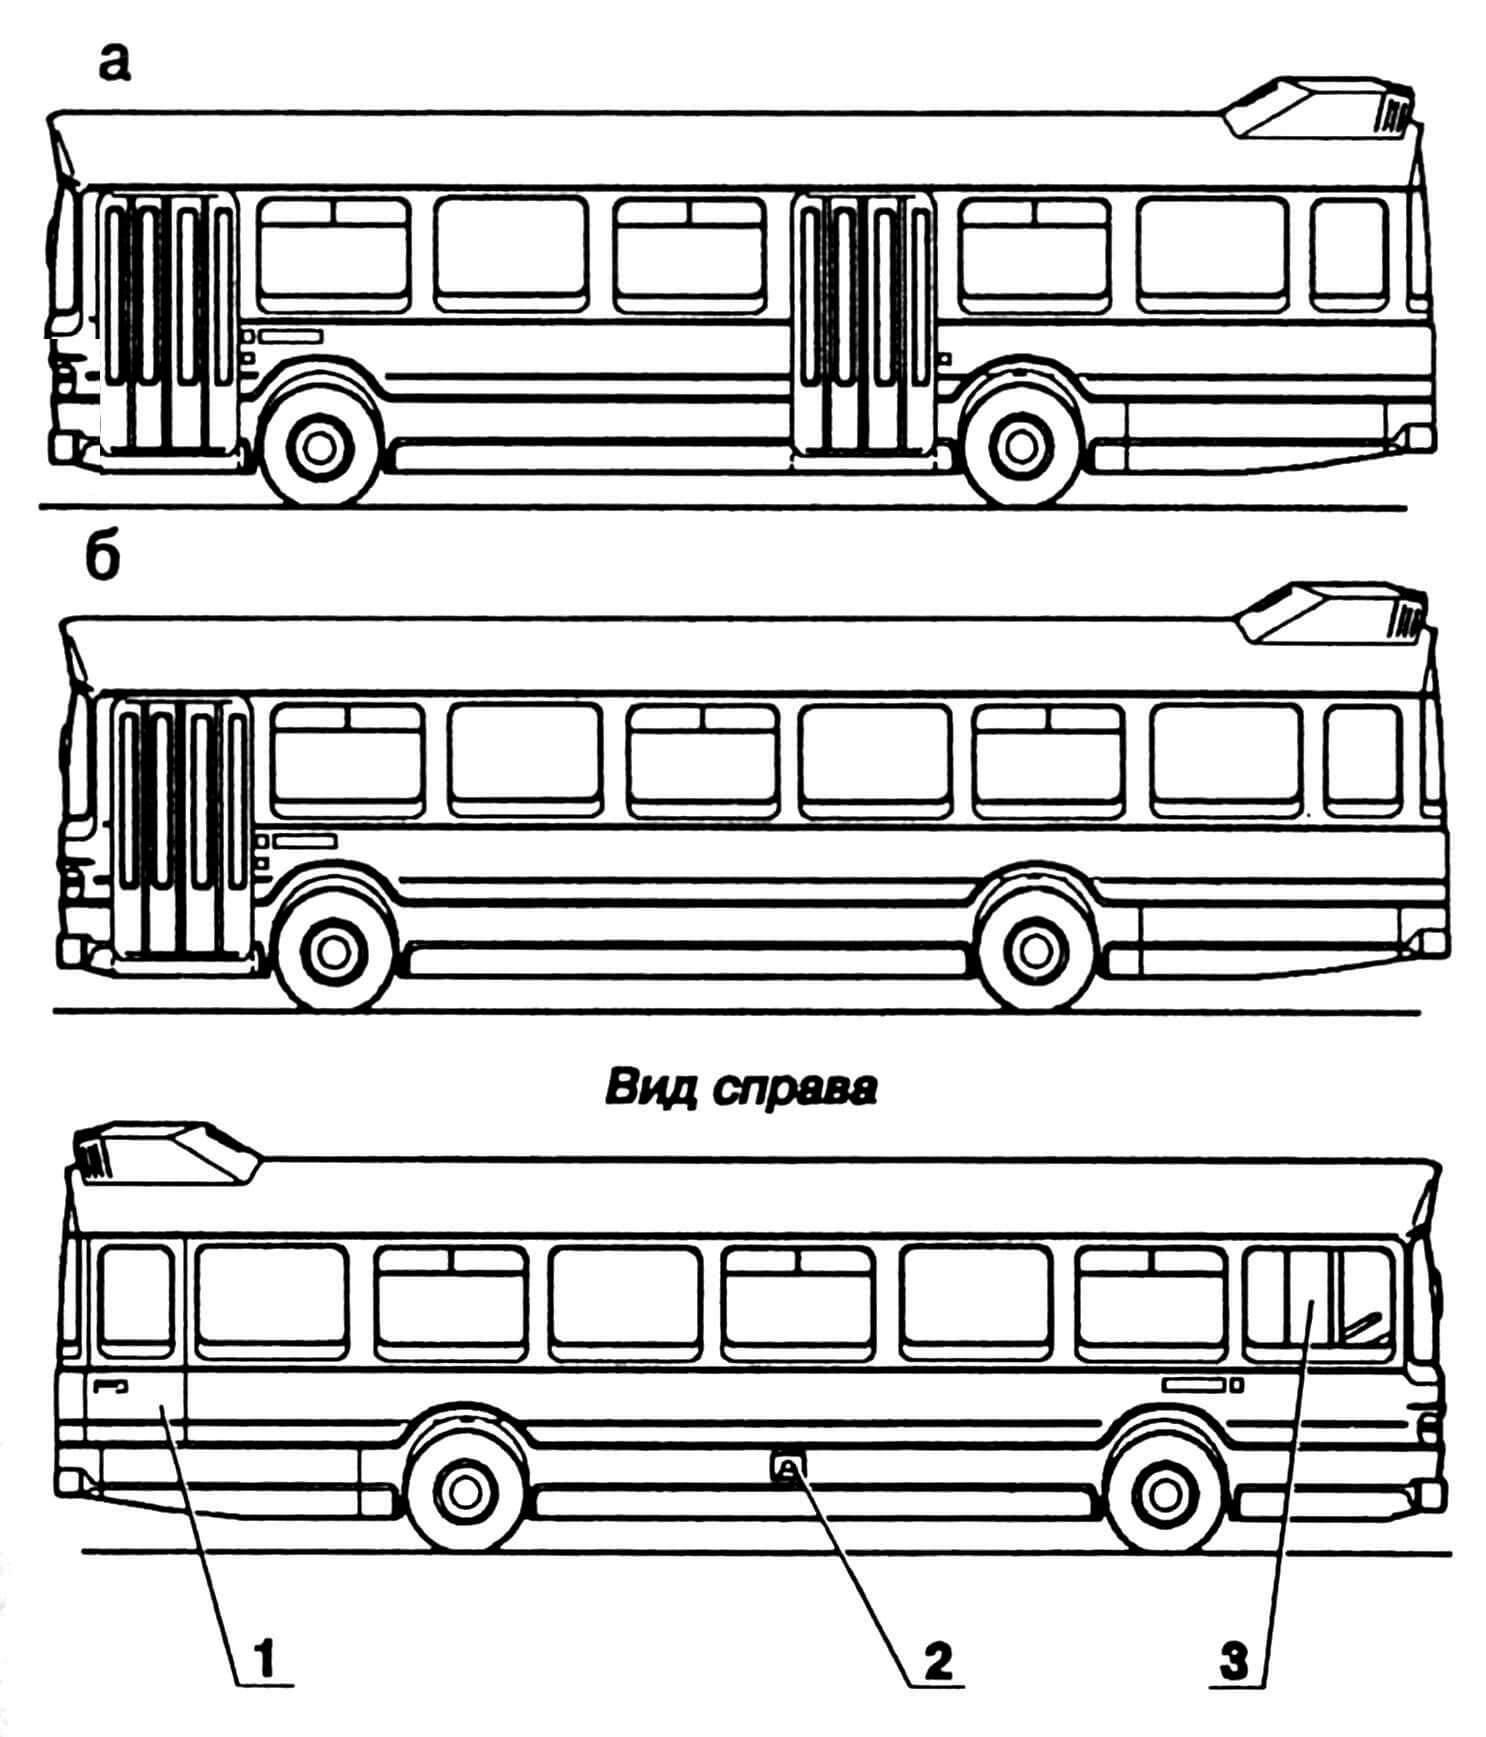 Варианты кузовов (а — двухдверный, б — однодверный): 1 — дверь аварийного выхода, 2 — горловина бензобака, 3 — окно водителя (с форточкой).